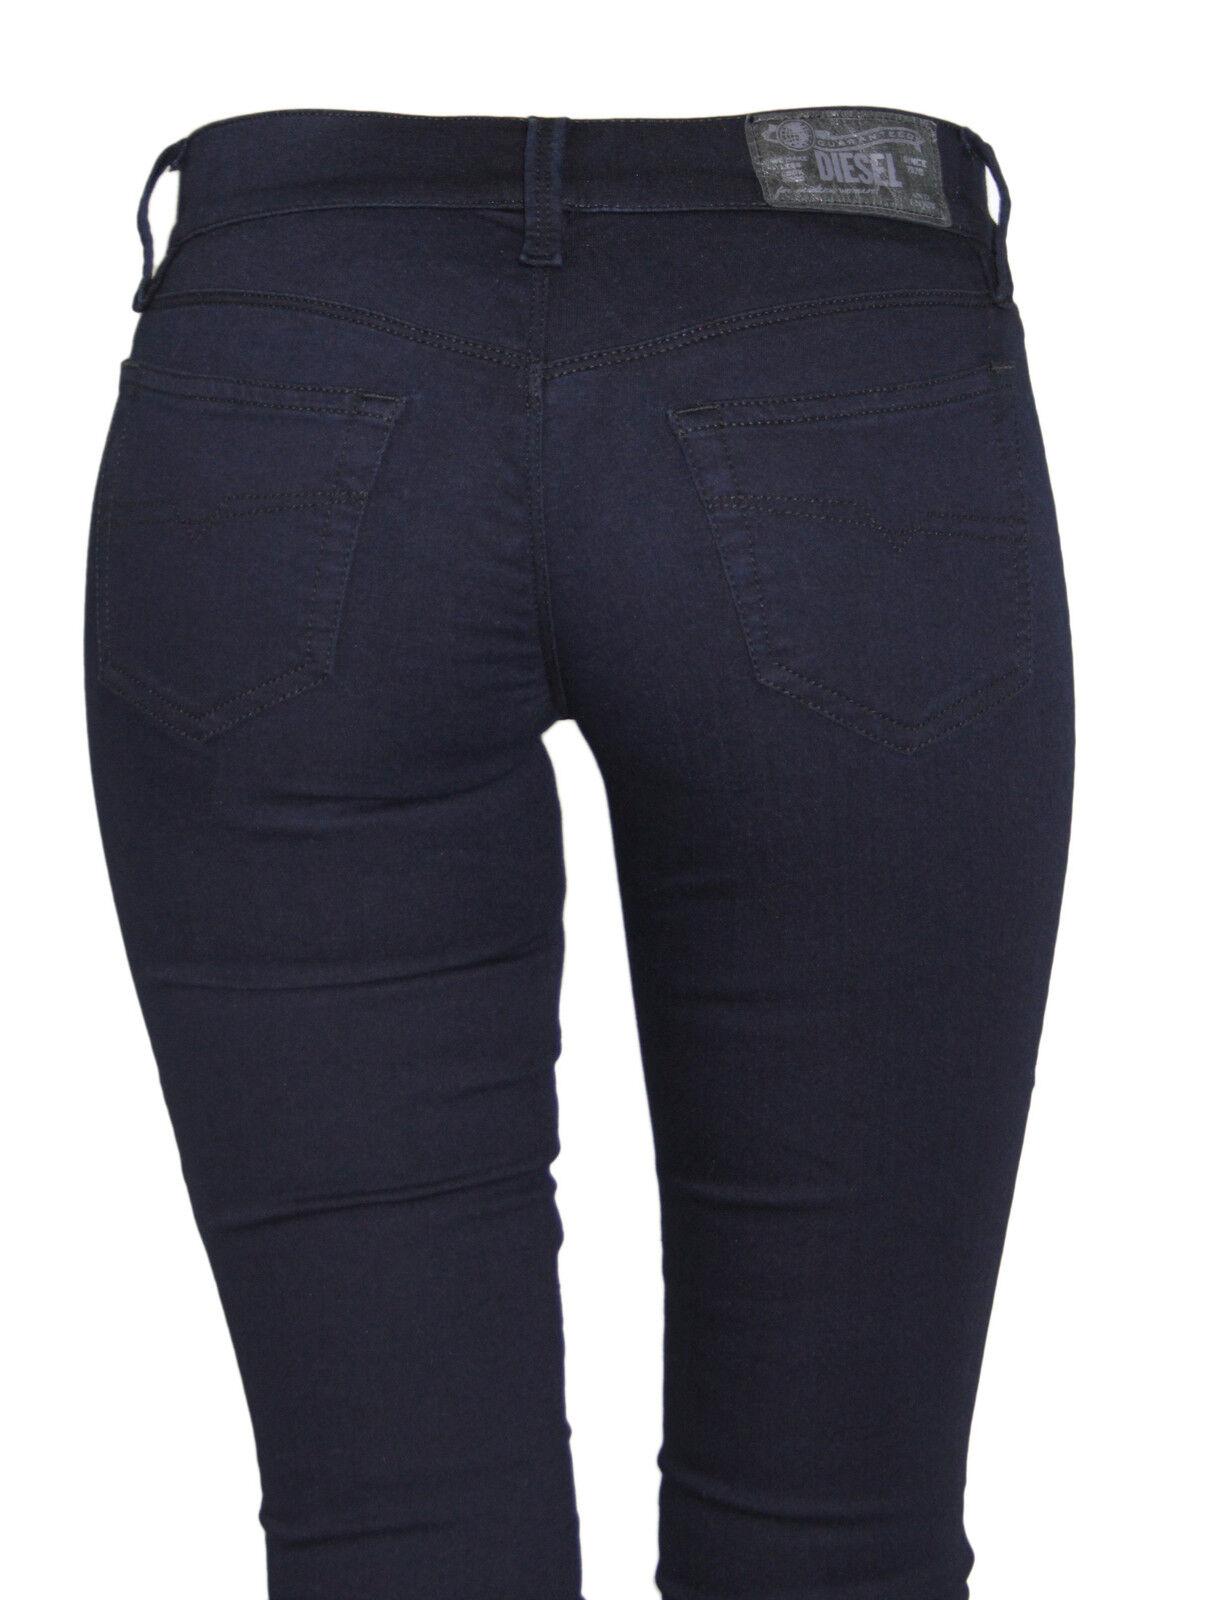 NWT DIESEL Women's RIDEE 881B Moto Biker Pants Stretchy Skinny Legging Jeans